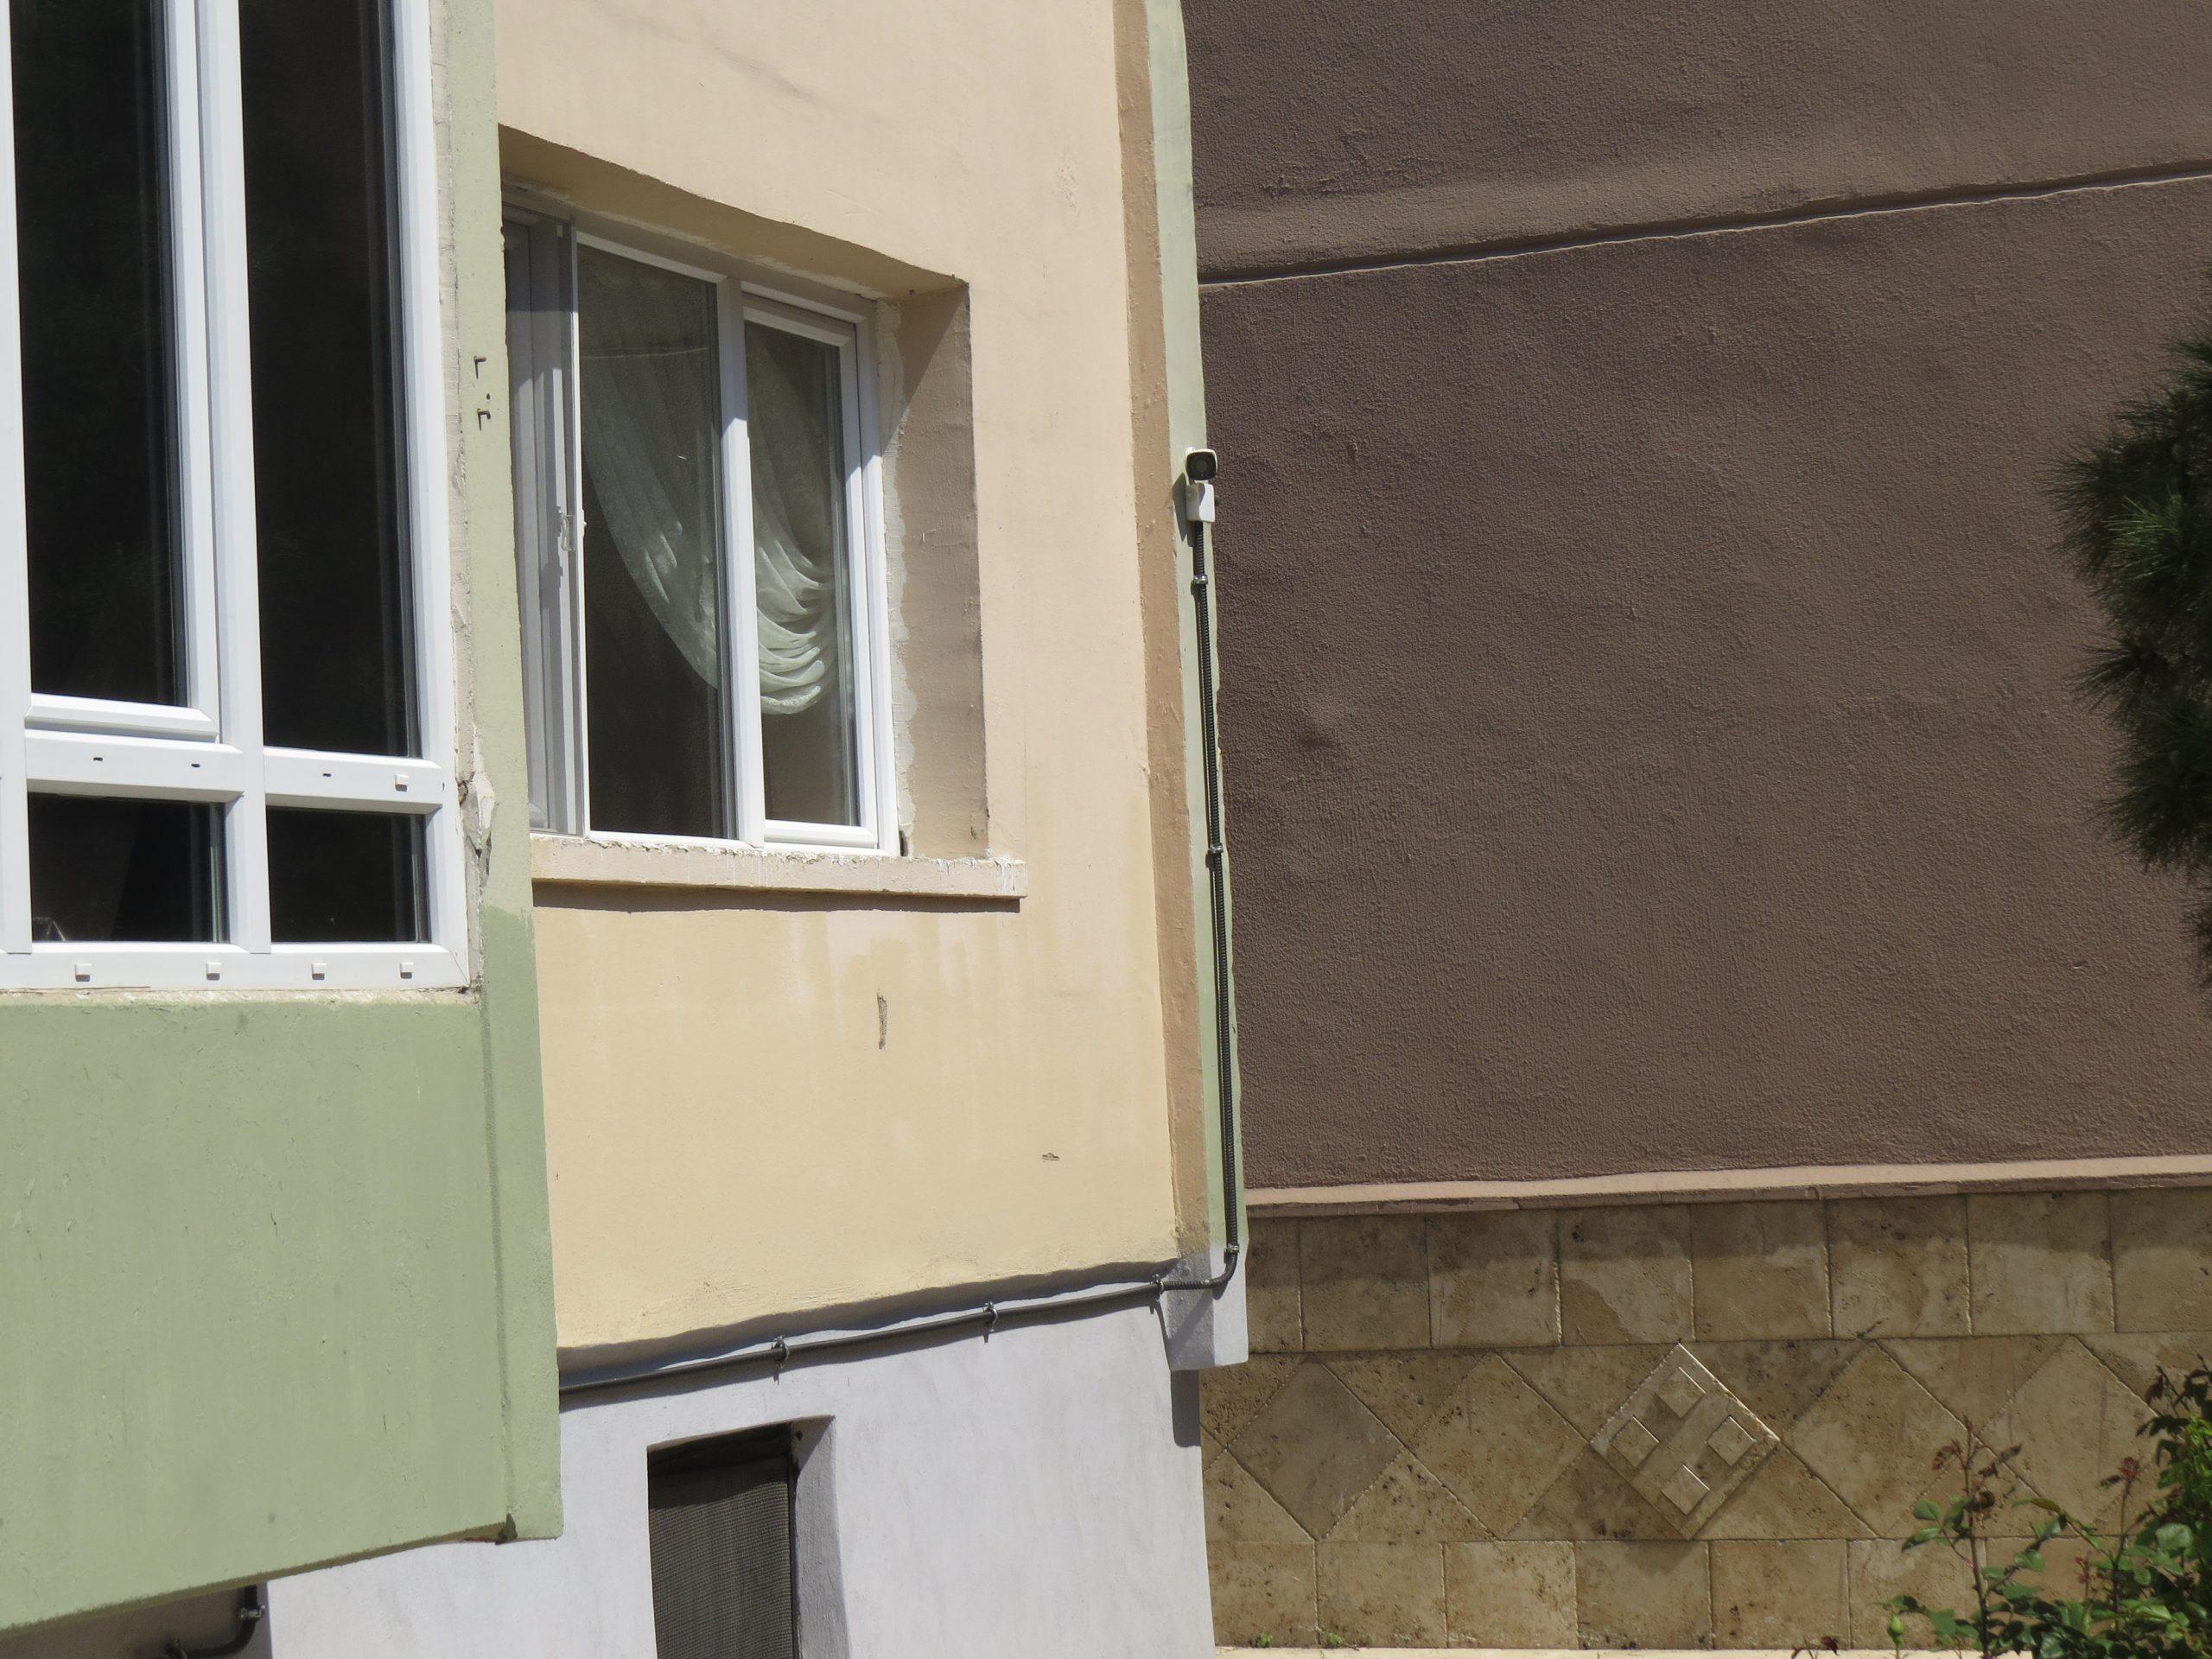 Bina Çevresi Güvenlik Kamerası IMG 5102 scaled